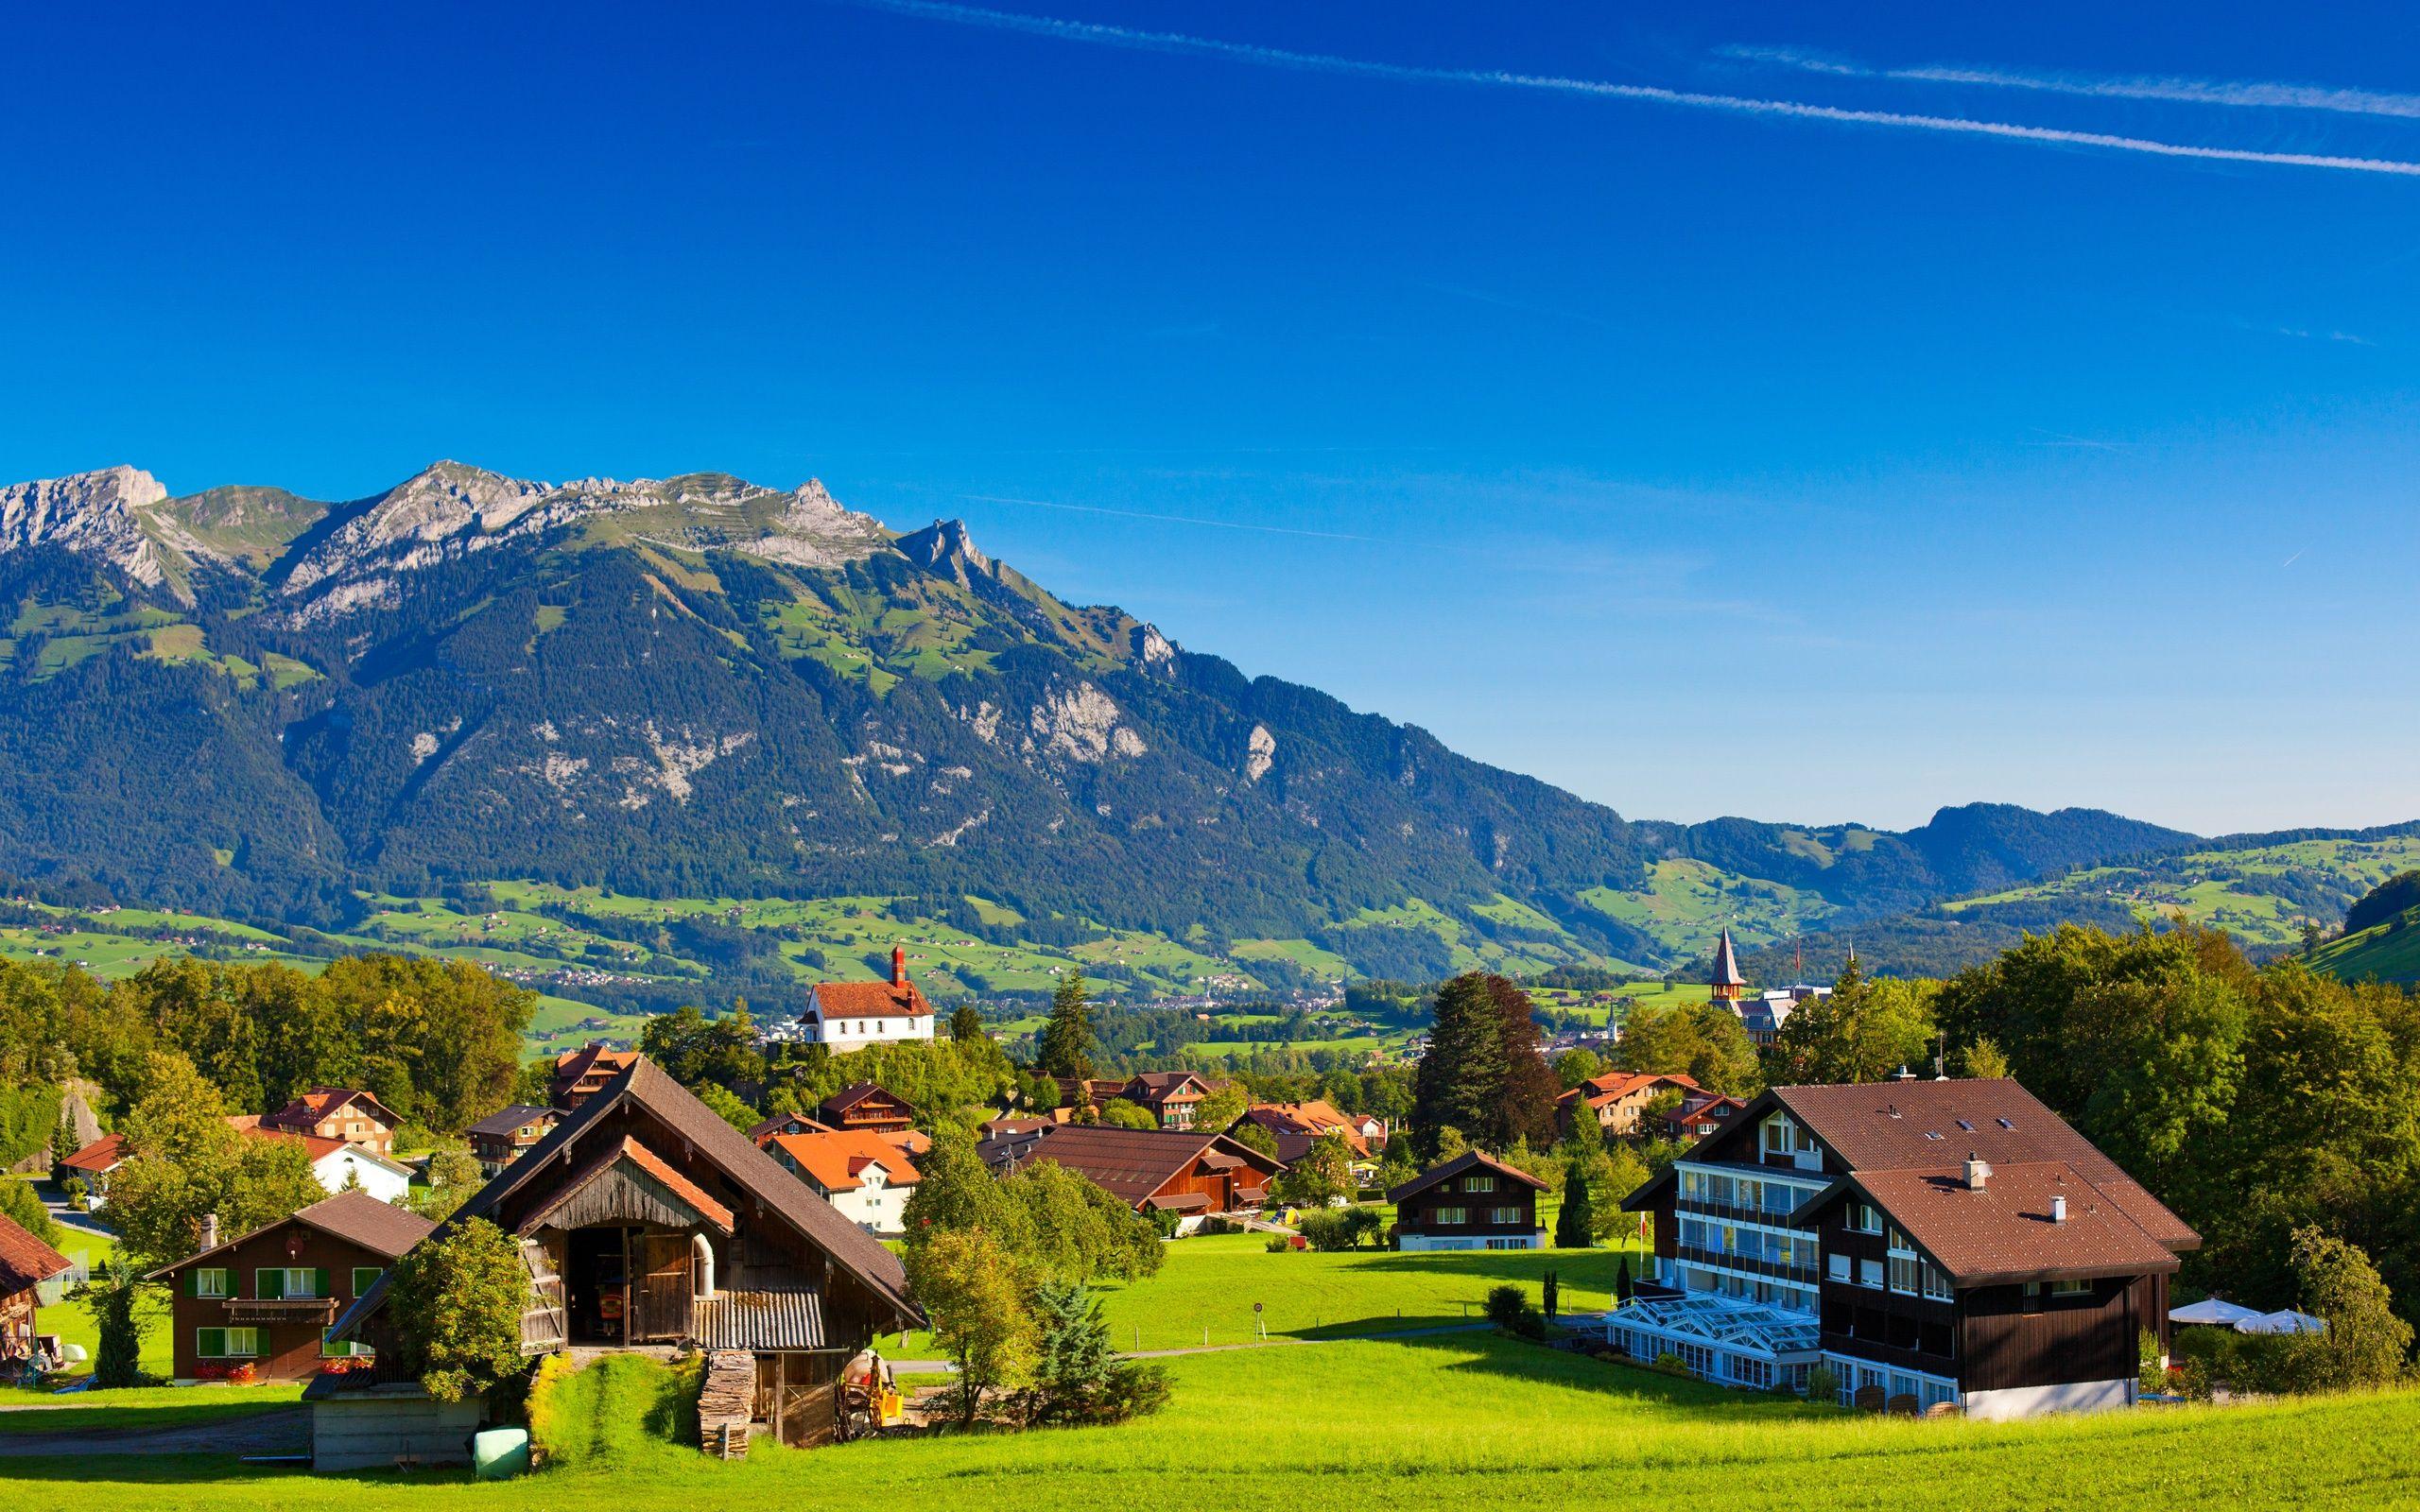 Switzerland Alps Mountains Summer Nature Greenery Houses Wallpaper 2560x1600 Hermosos Paisajes Lugares De Luna De Miel Paisajes